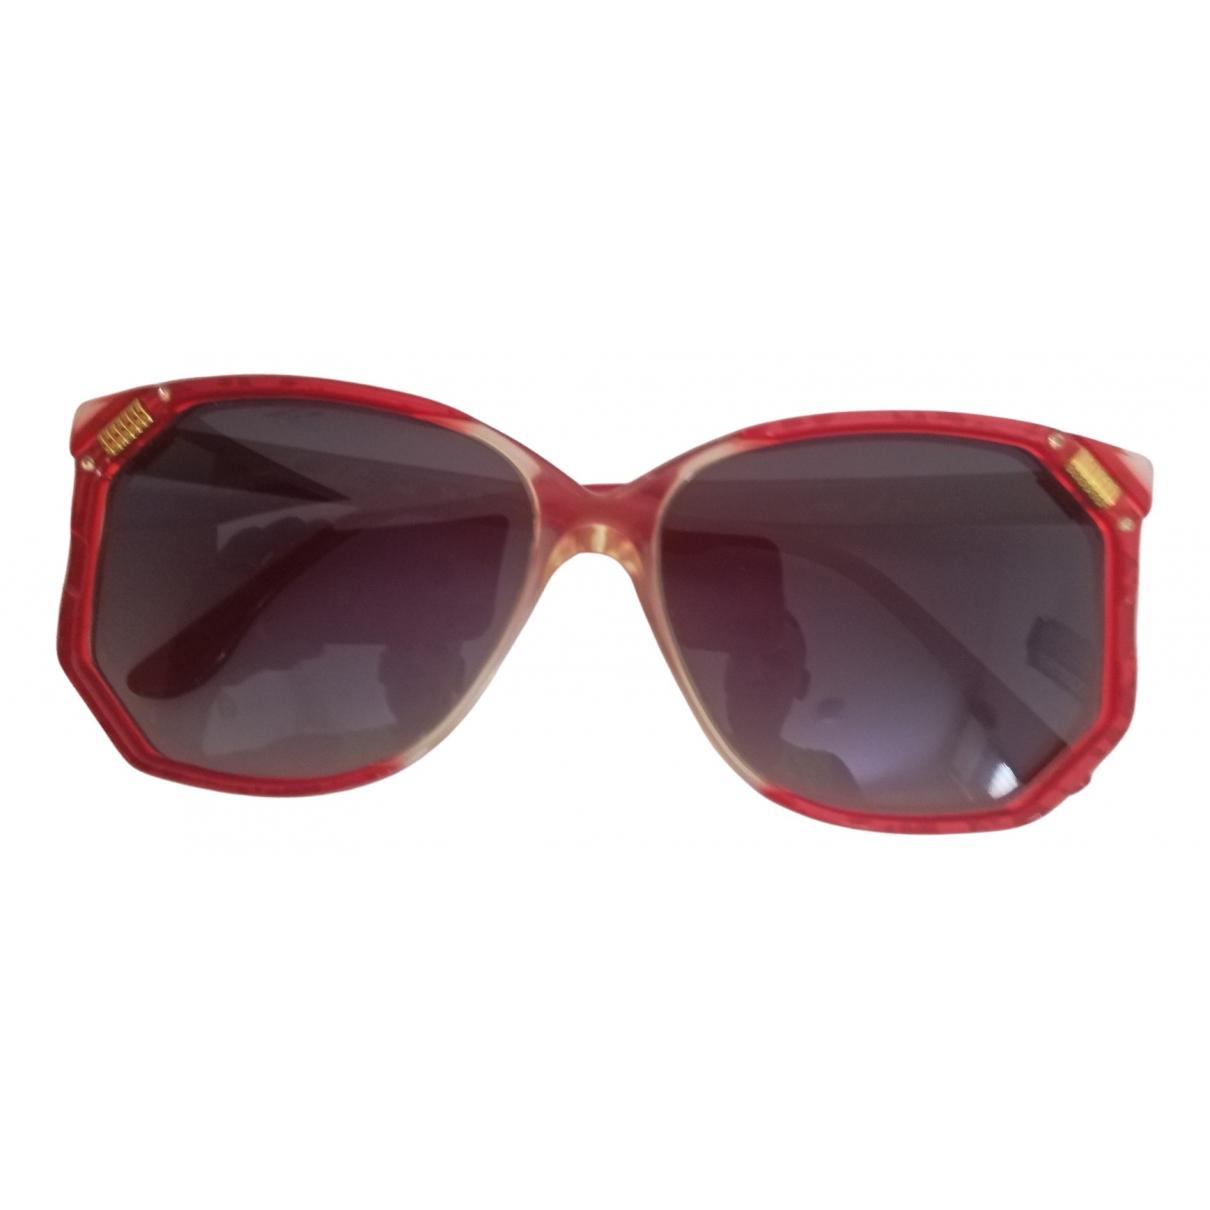 Annabella Pavia - Lunettes   pour femme - rouge